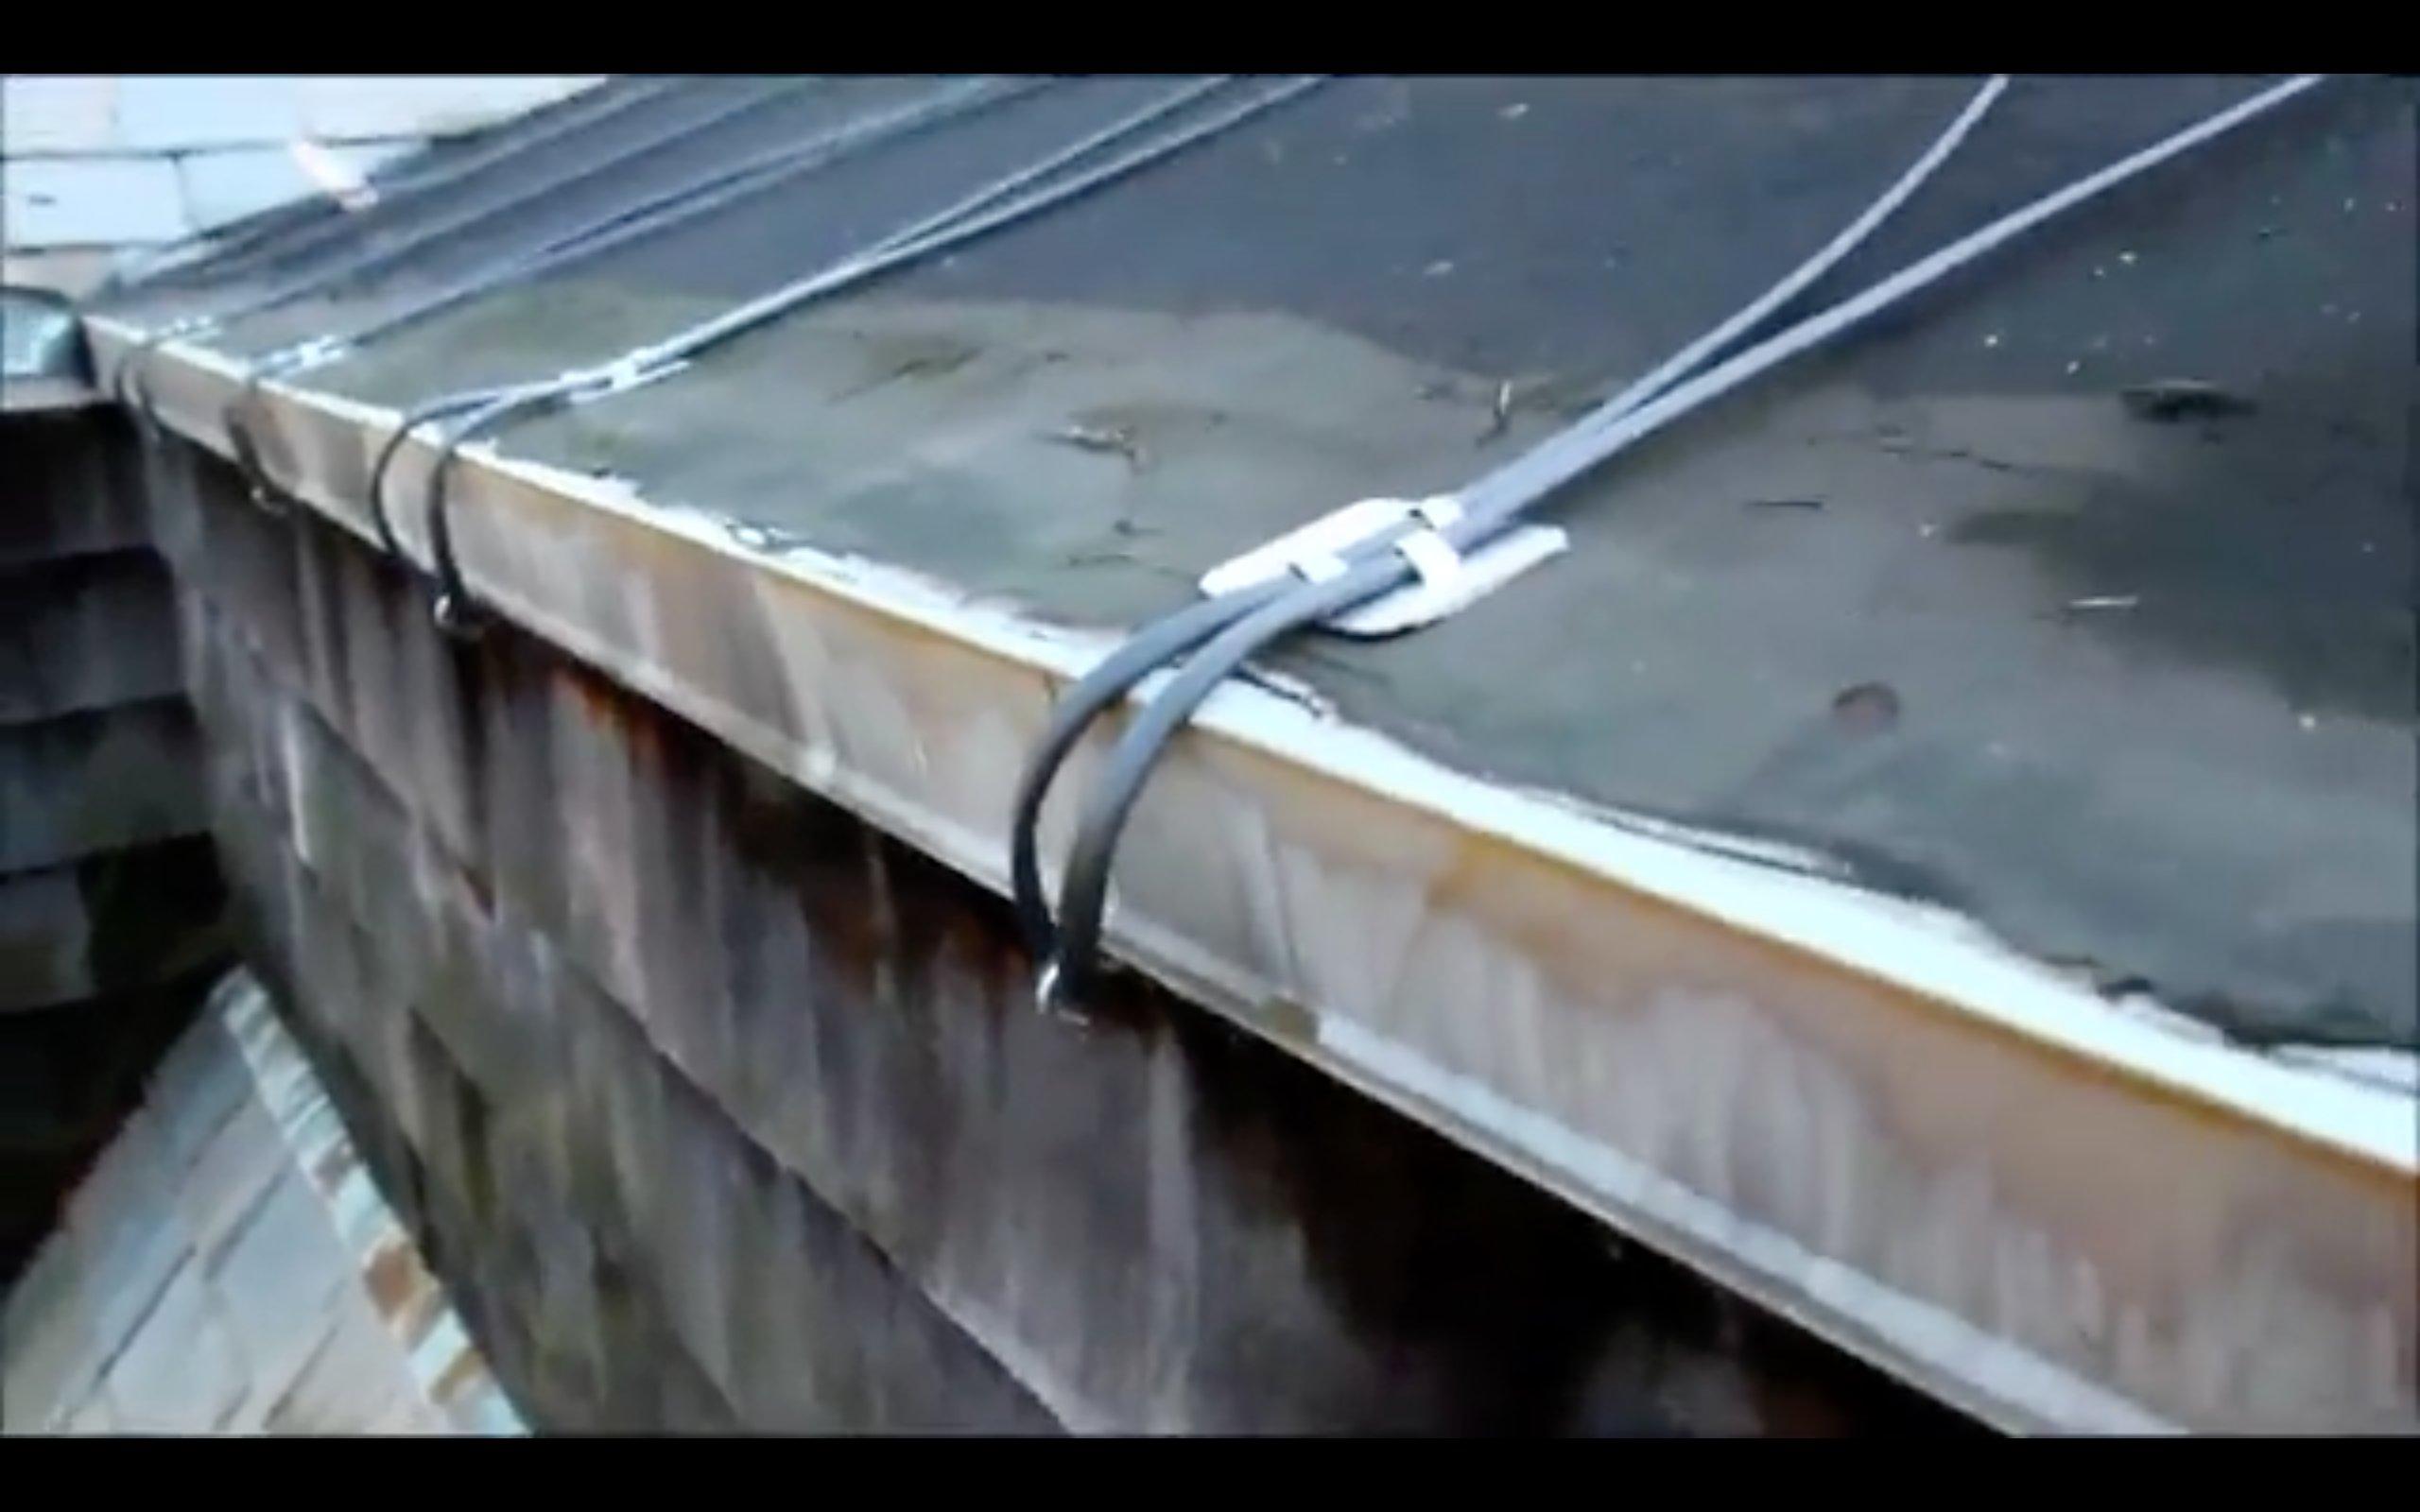 Et Sr 240 05 Roof Gutter De Icing Cable 1 Ft 5 Watts Ft 240 V